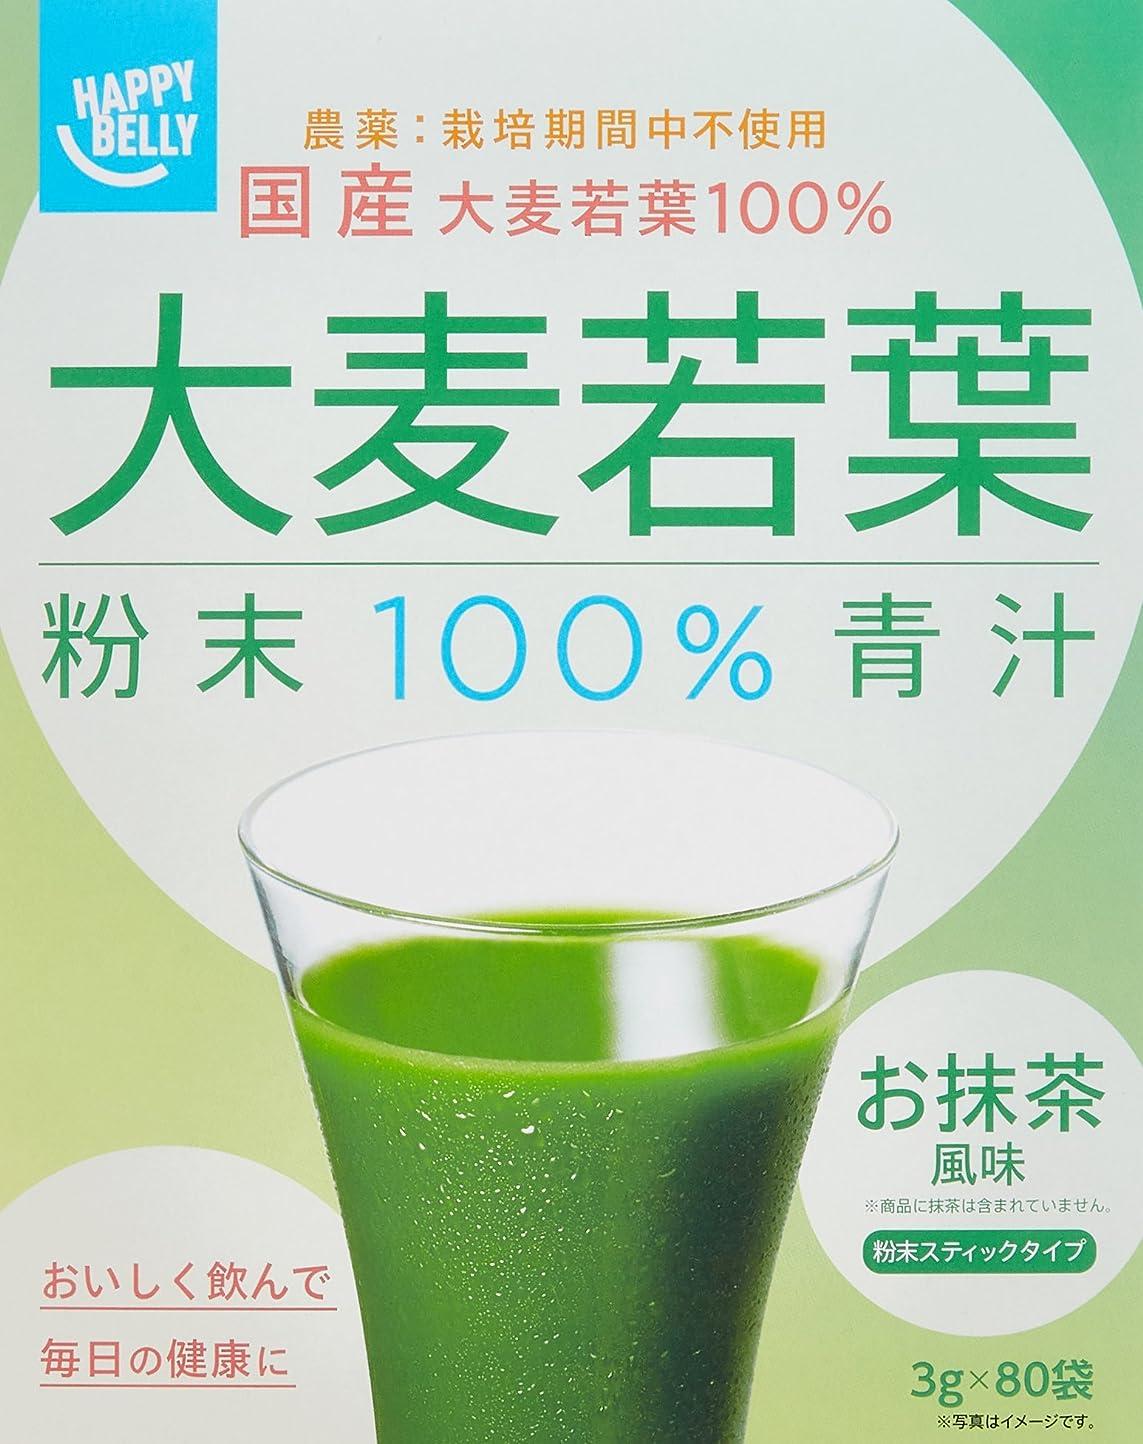 準備した瀬戸際苦悩[Amazonブランド]Happy Belly 国産青汁 240g(3gx80袋)  大麦若葉 100% 粉末